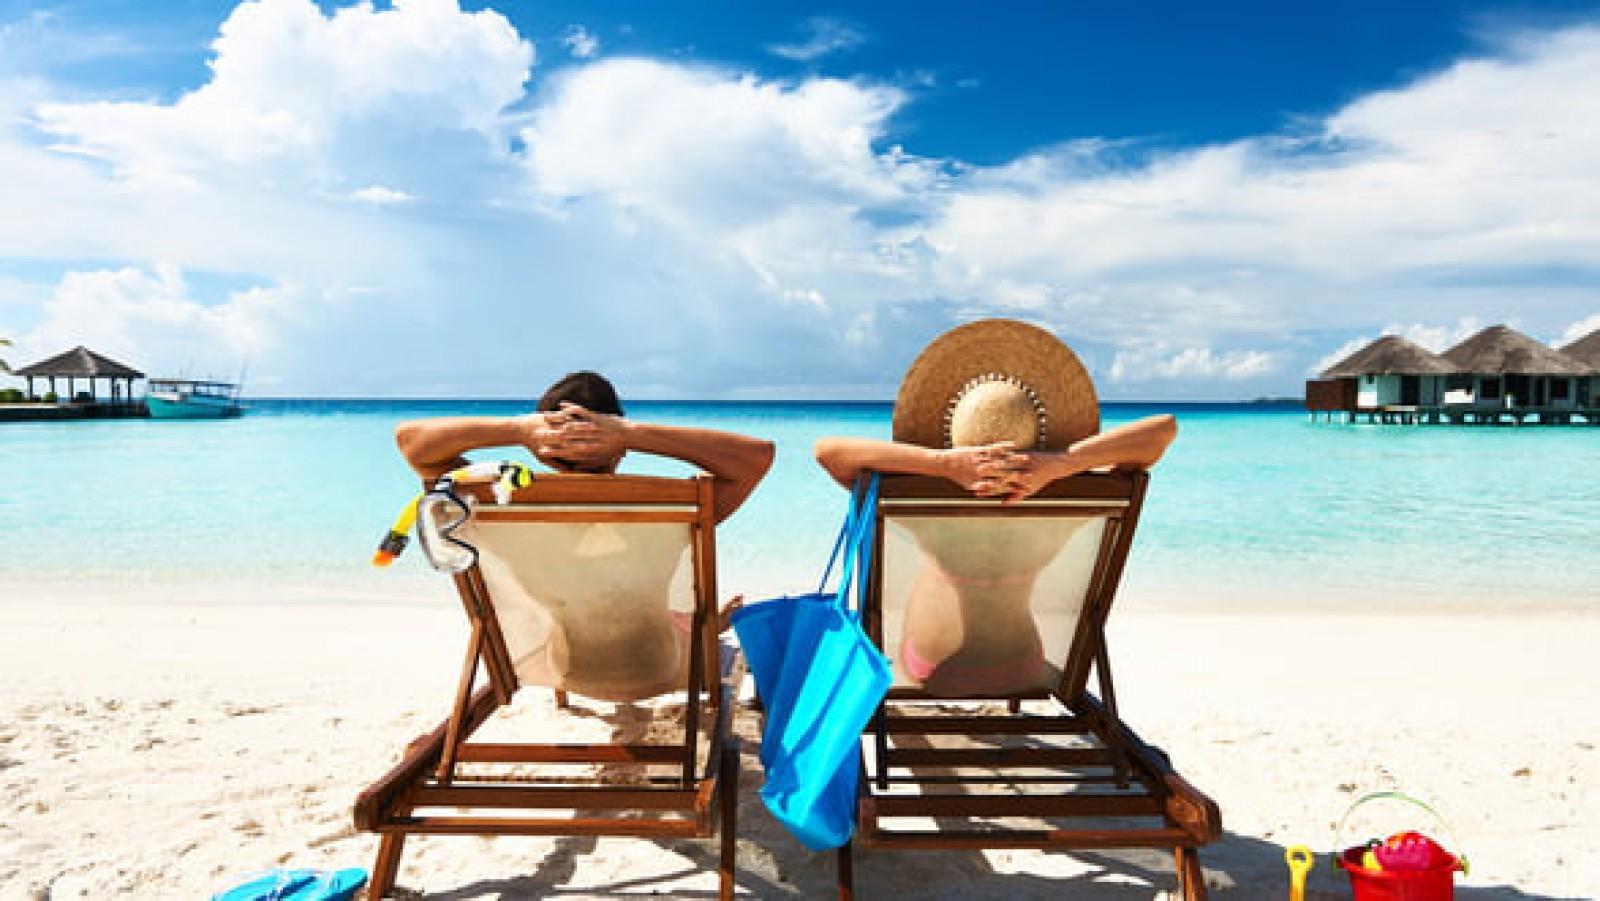 Topul celor mai romantice destinaţii de vacanţă pe care îndrăgostiţii le pot explora